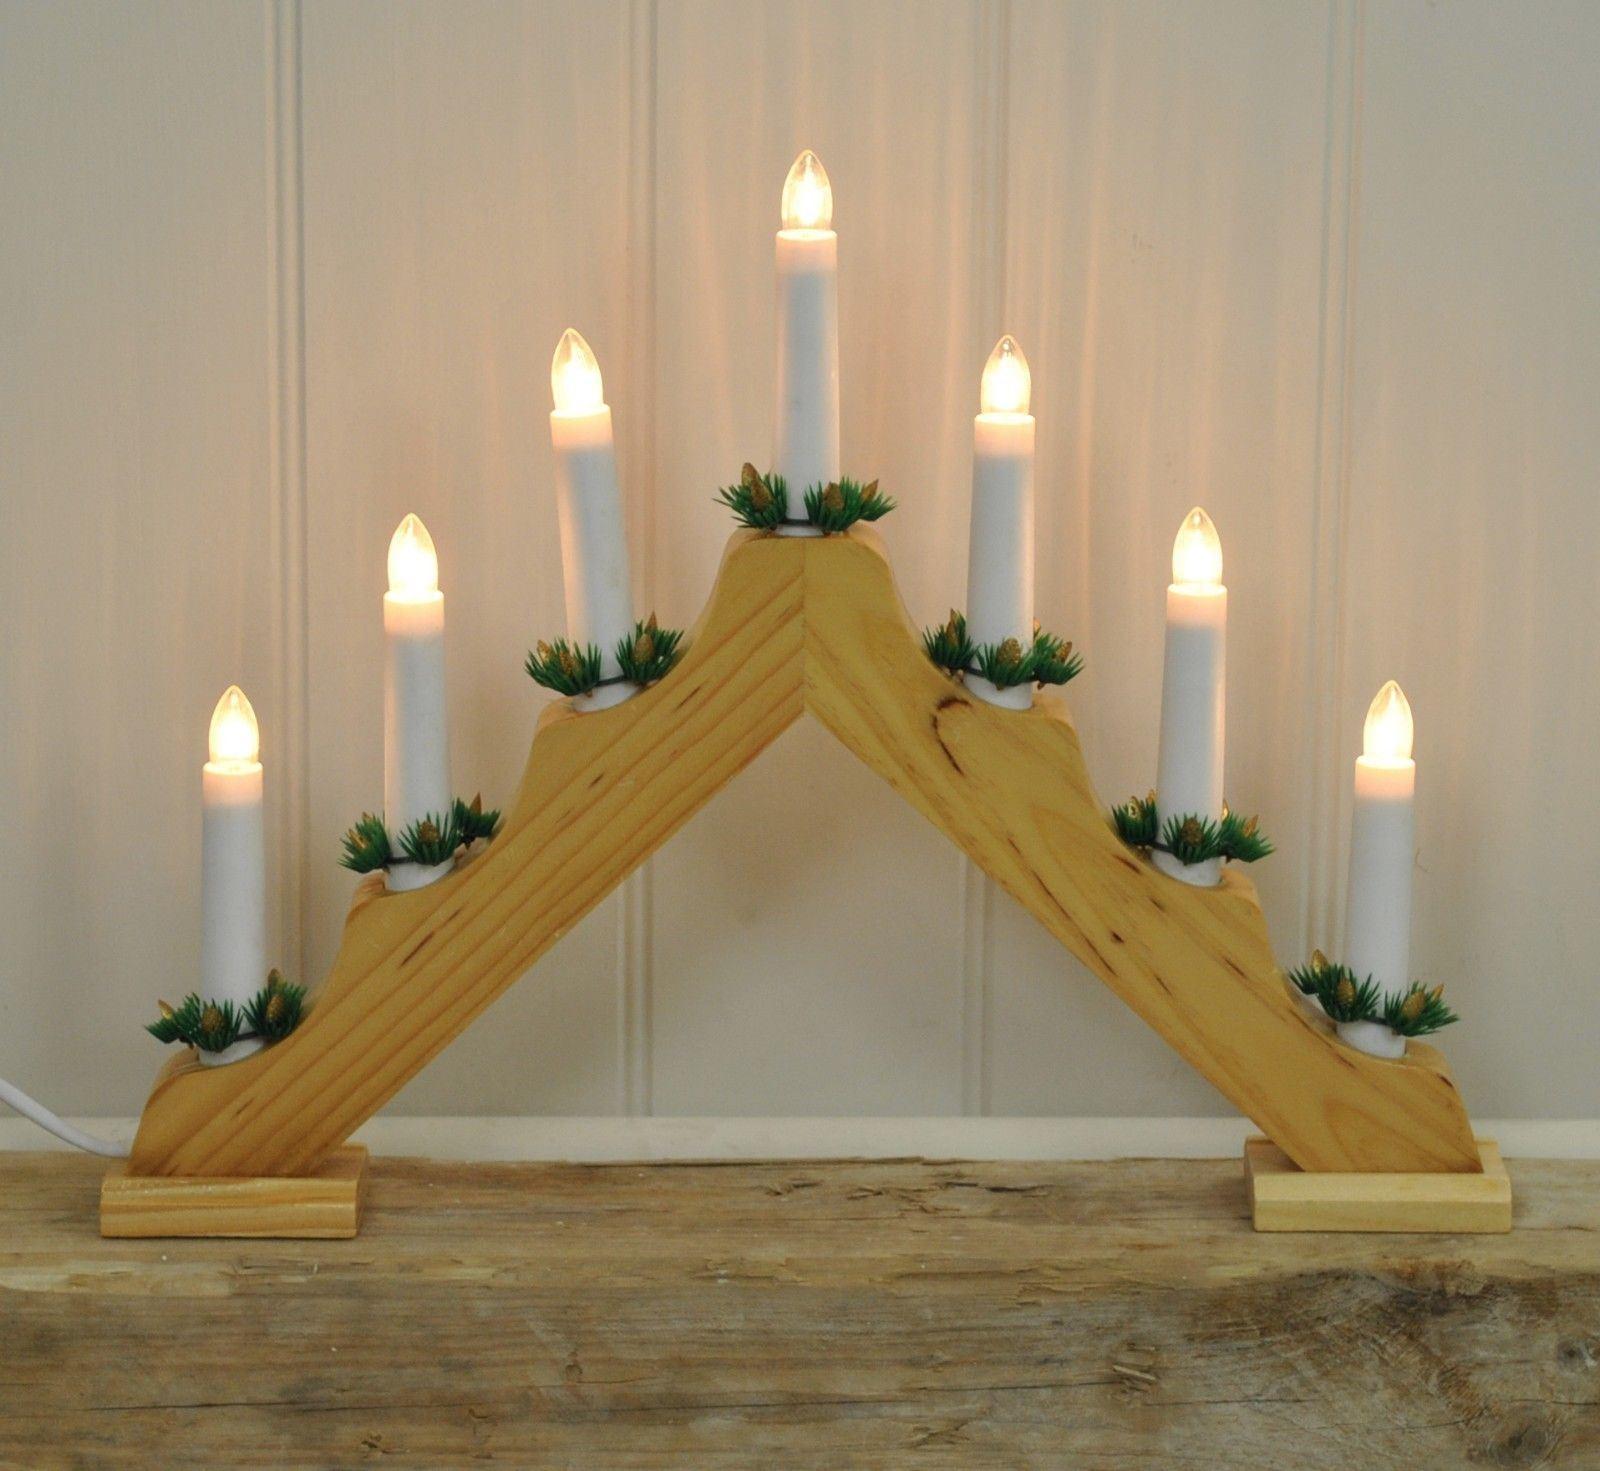 Natale-Natale-Decorazione-da-finestra-ad-arco-in-Legno-Candela-Ponte-Luce-Decor-7-Lampadine miniatura 4